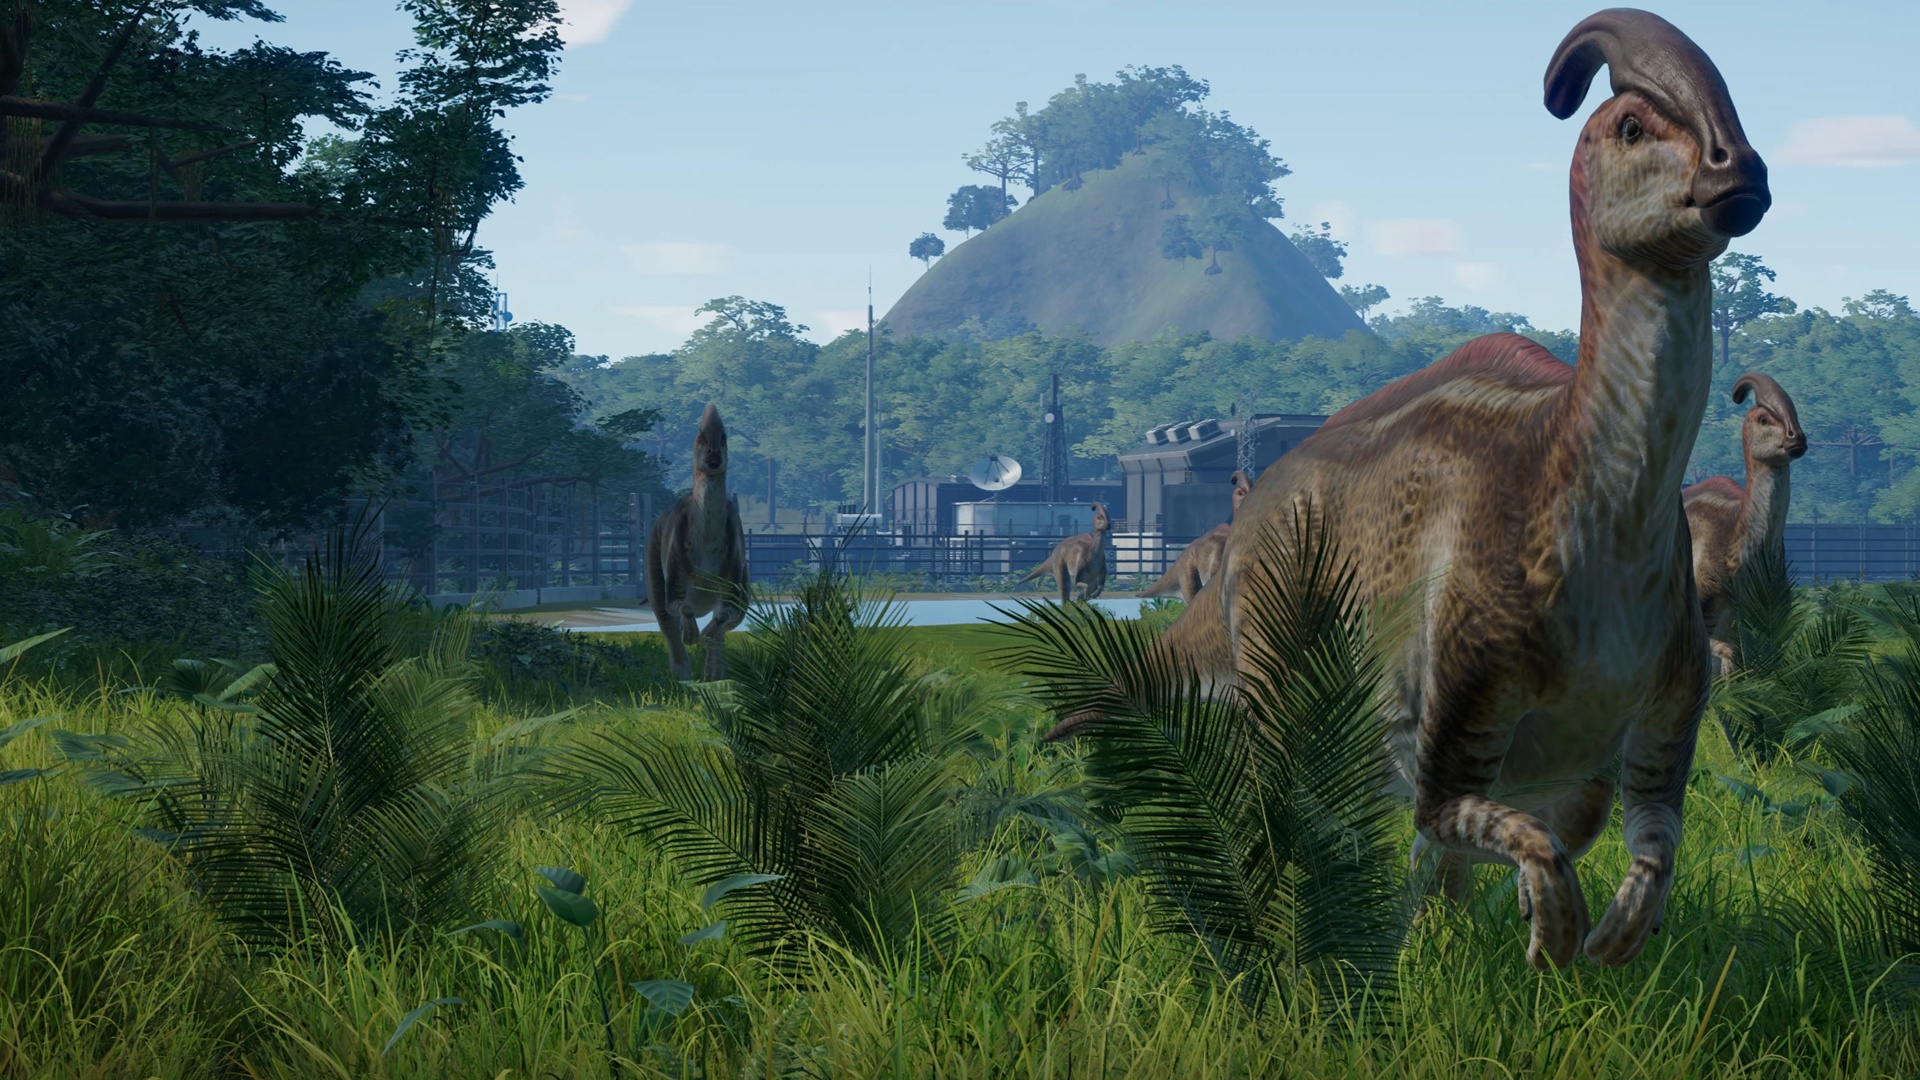 Elicottero Jurassic World : Jurassic world evolution neuer ingame trailer veröffentlicht